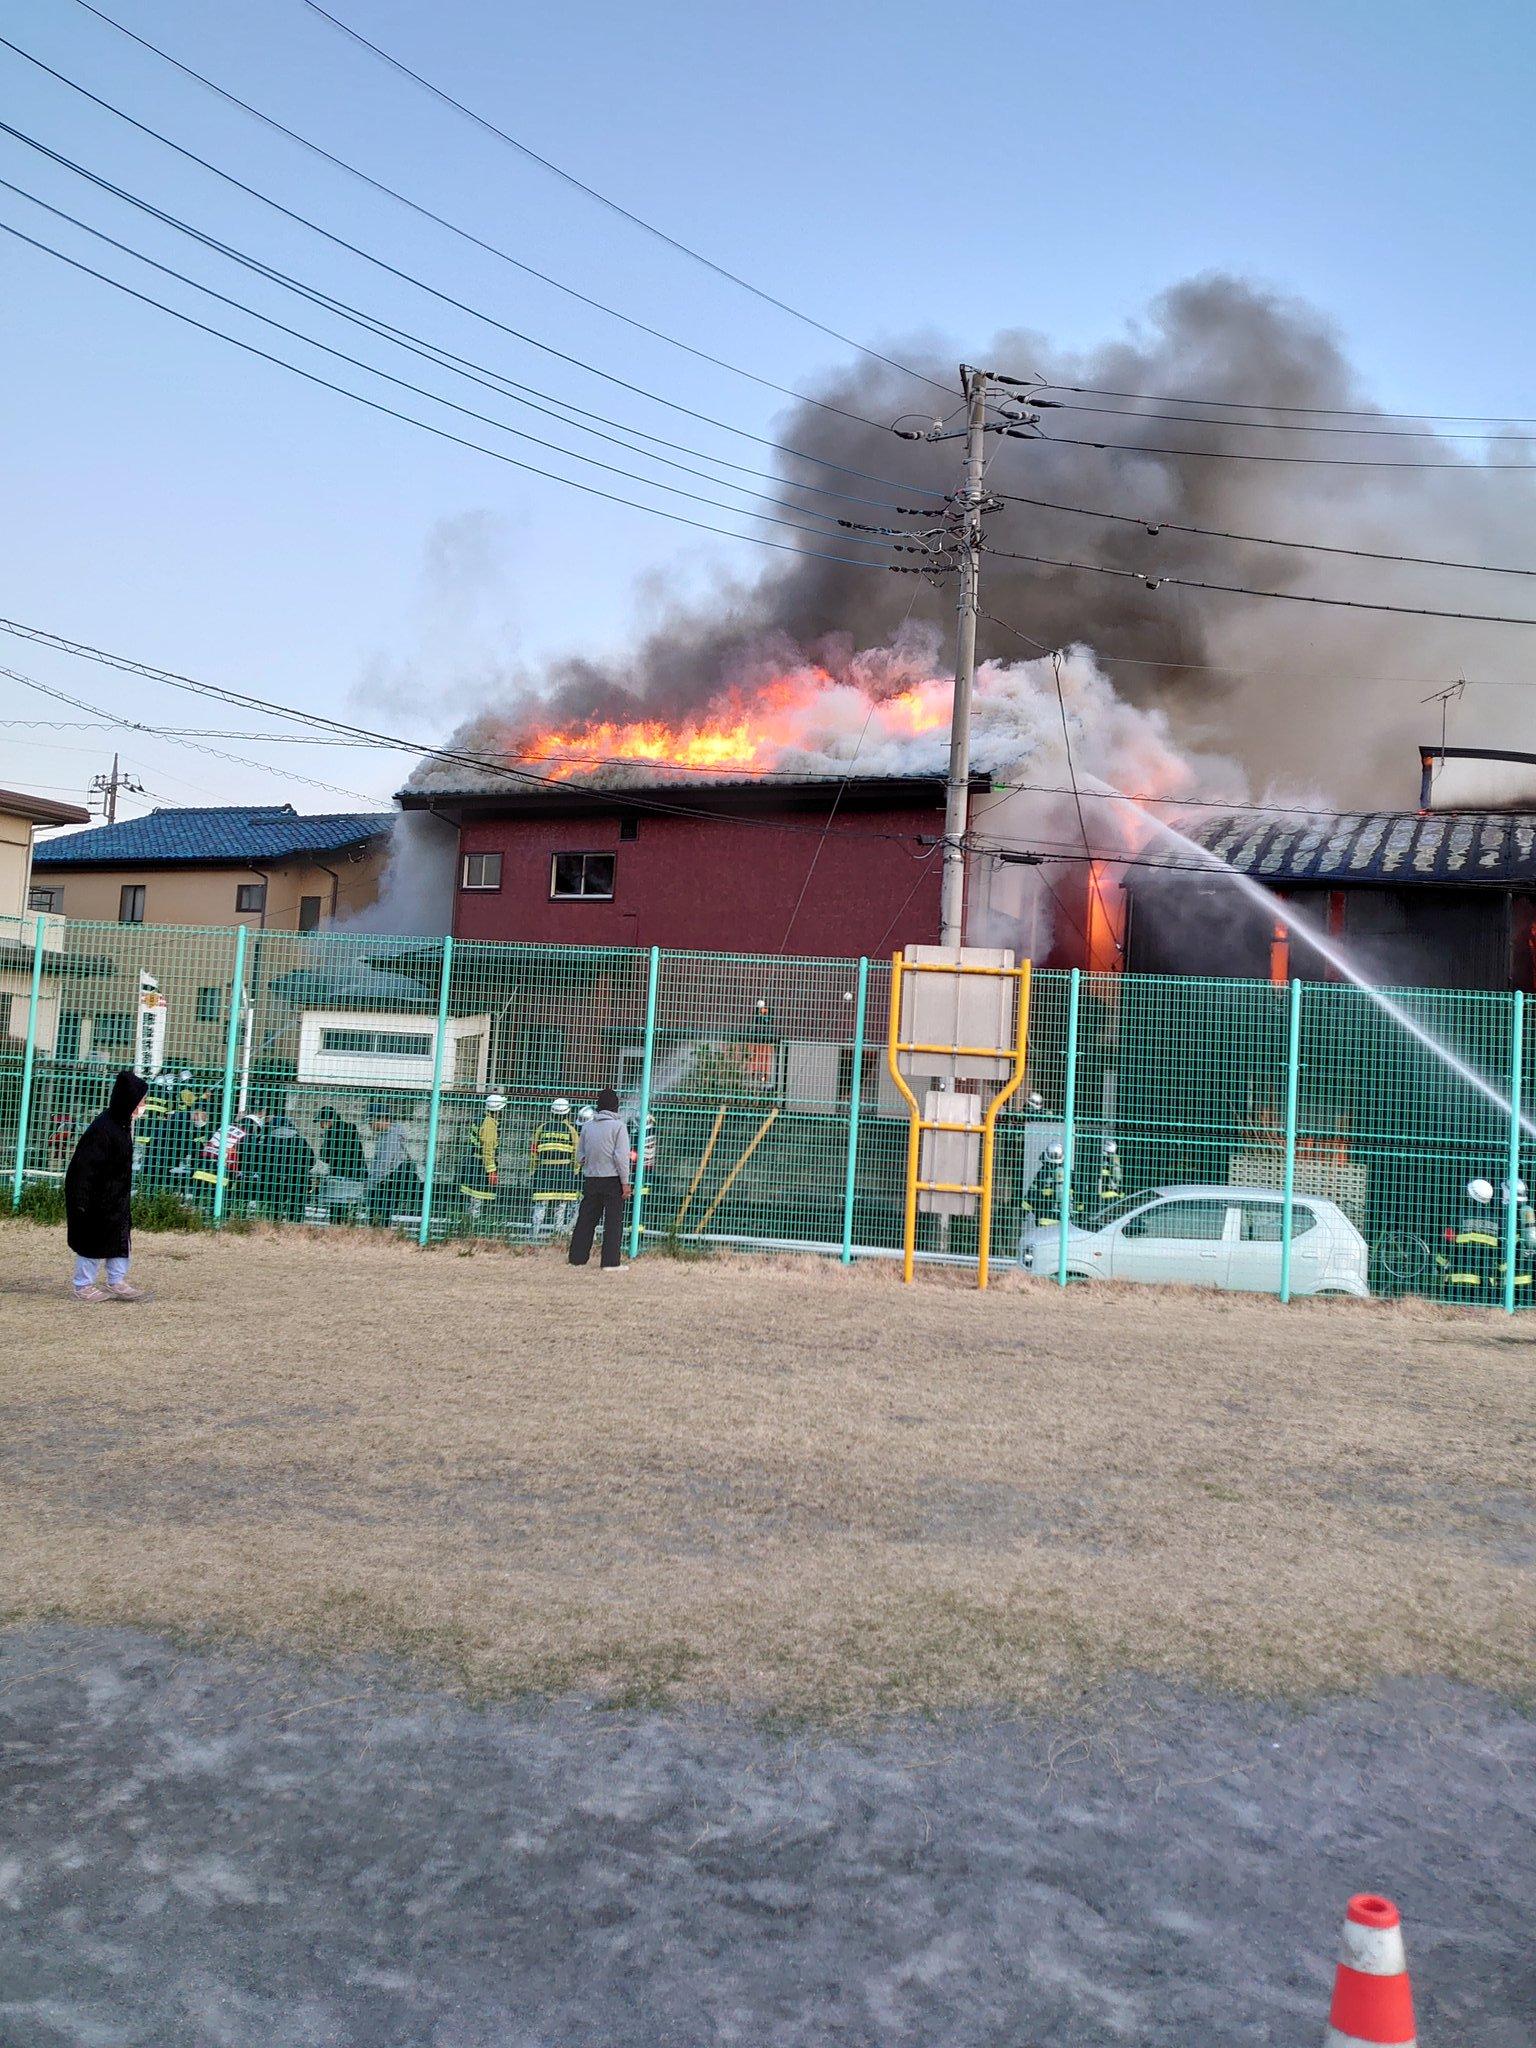 川越市吉田で住宅が炎上している火災現場の画像